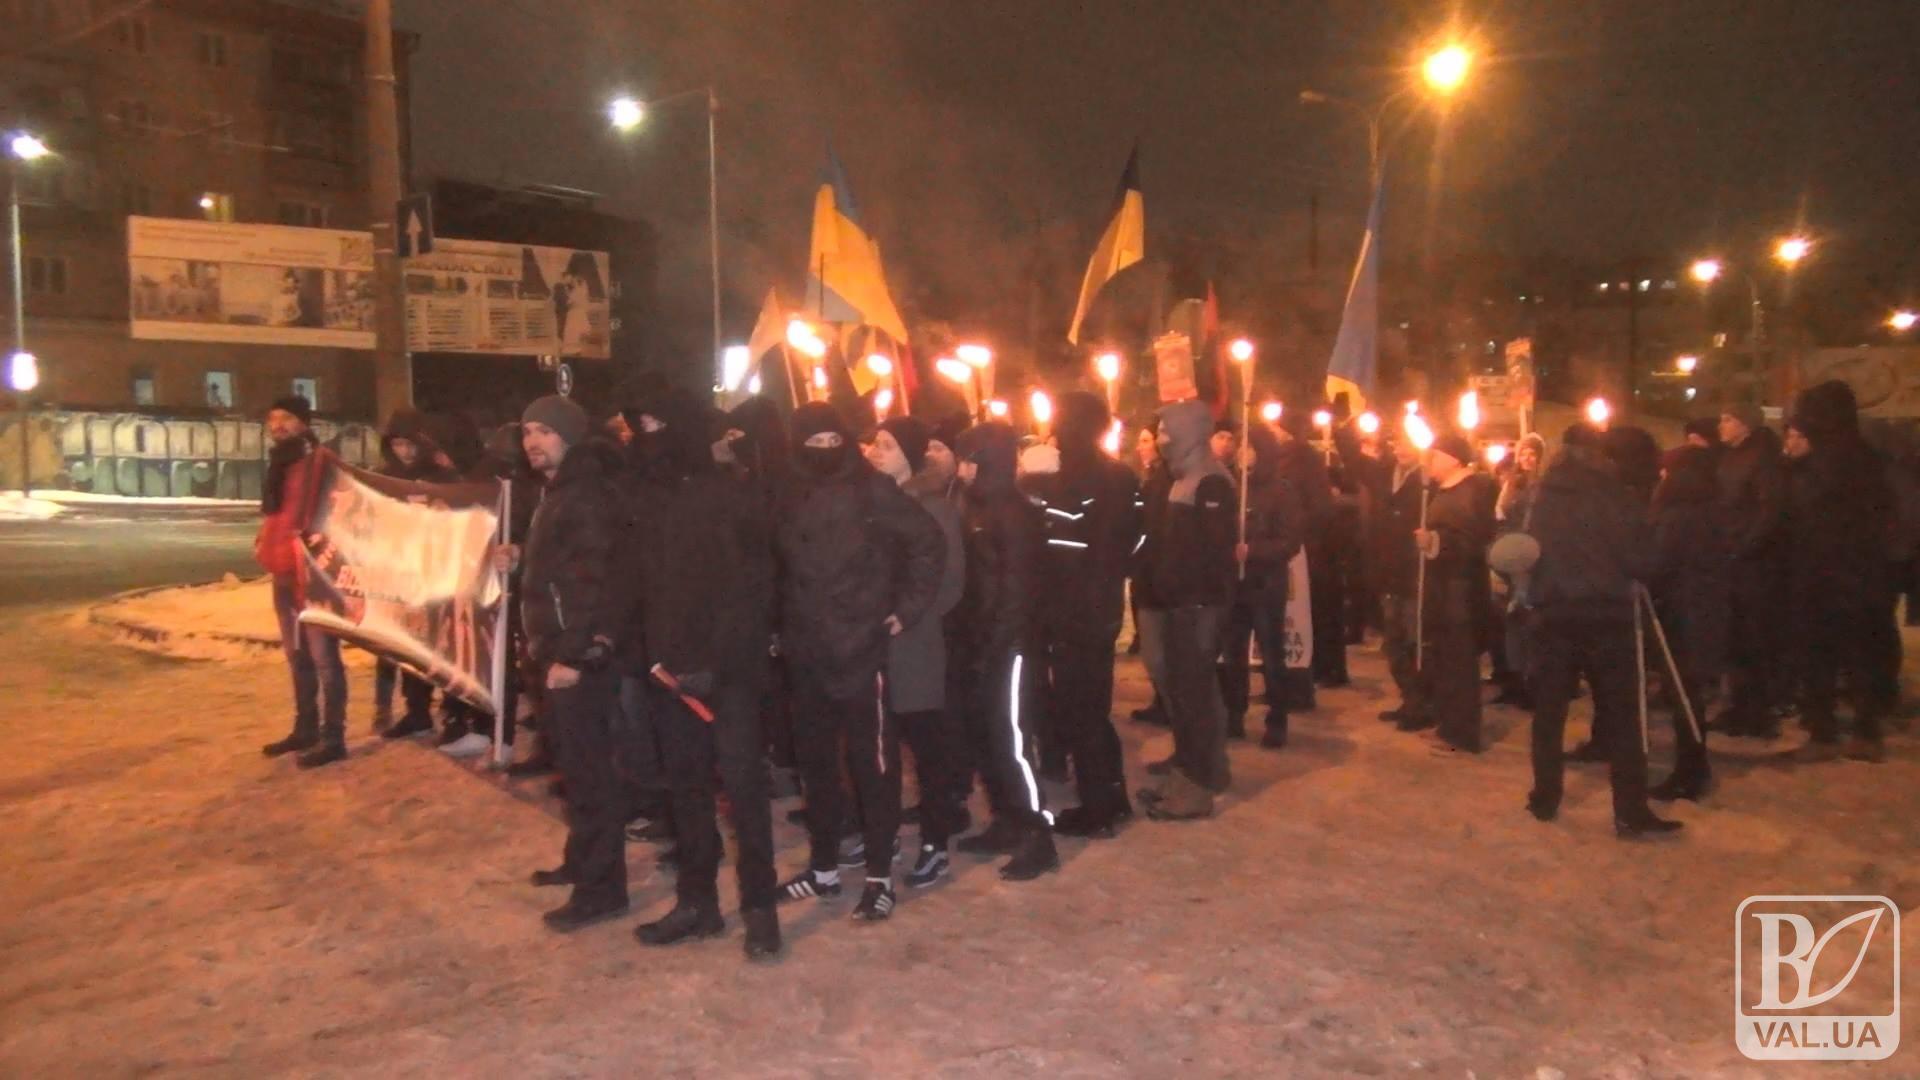 Смолоскипи, банери і фаєри: у Чернігові активісти вимагали бойкотувати ЧС з футболу в Росії